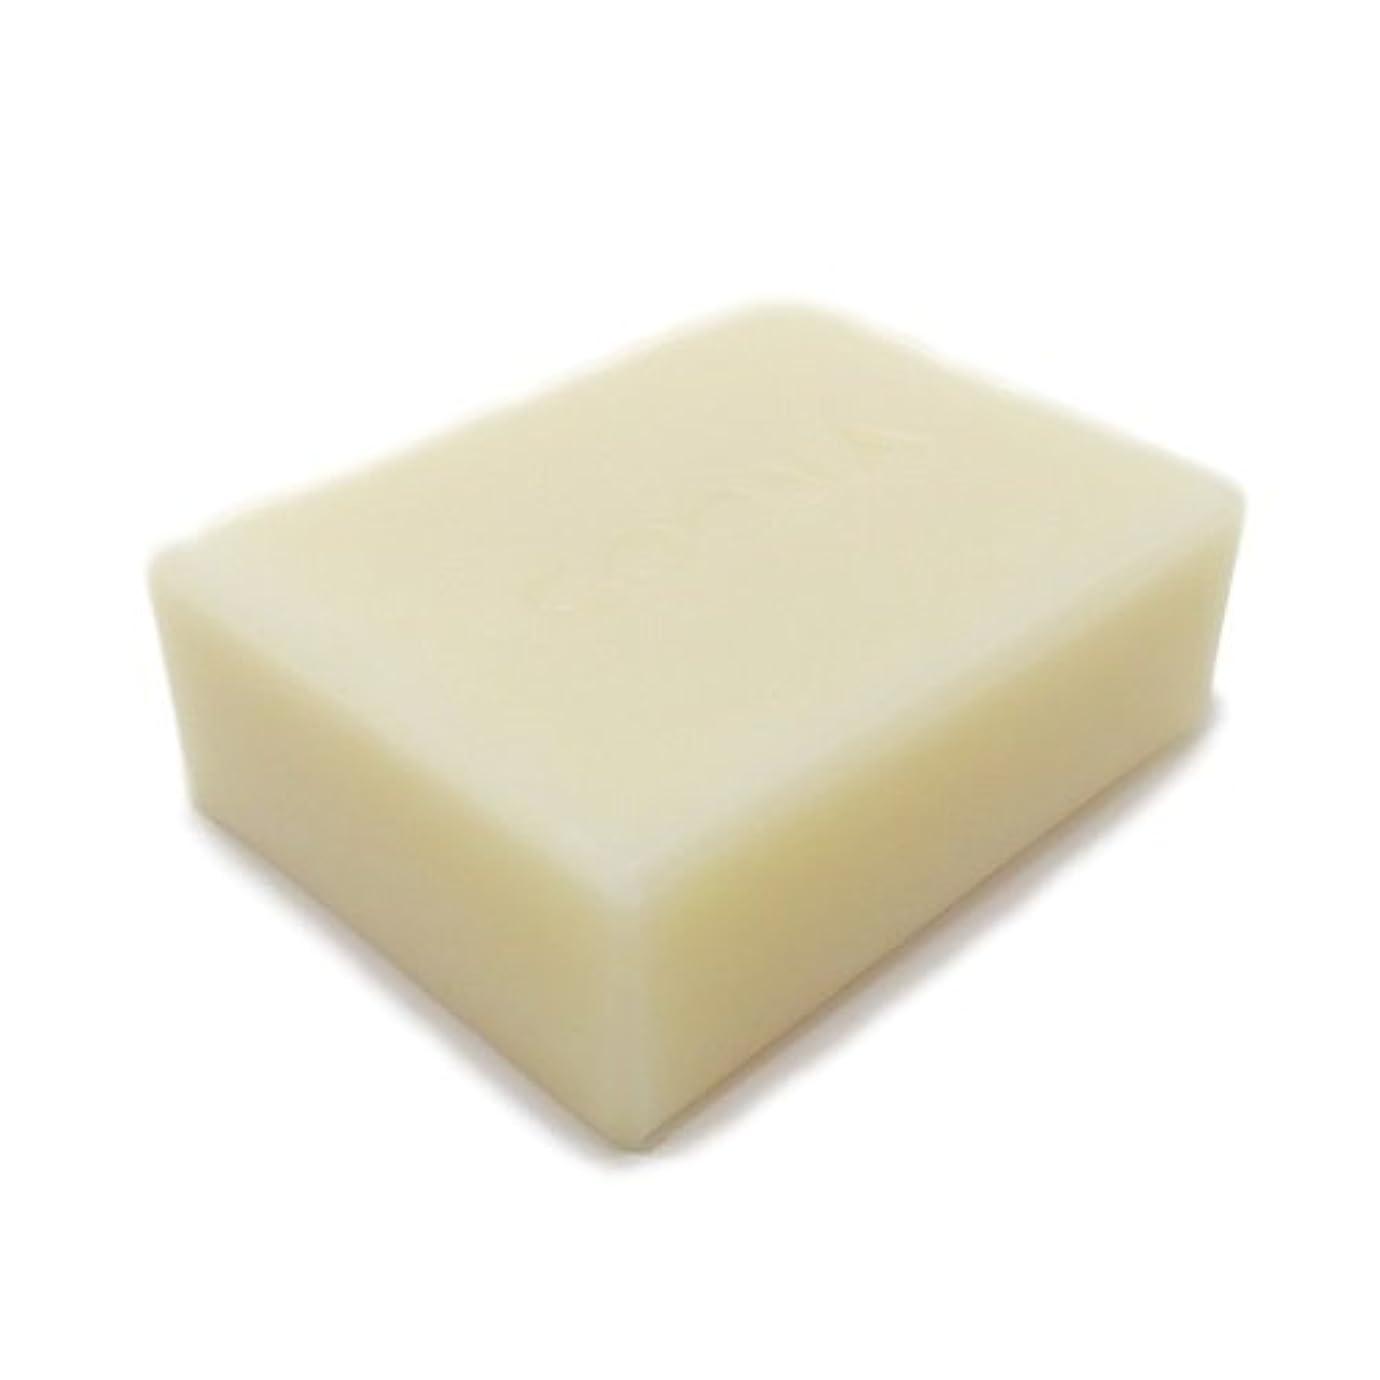 ピッチ中級ペッカディロ浴用石鹸 COONA和の香り石けん ゆず (天然素材 自然派 コールドプロセス 手作り せっけん) 80g